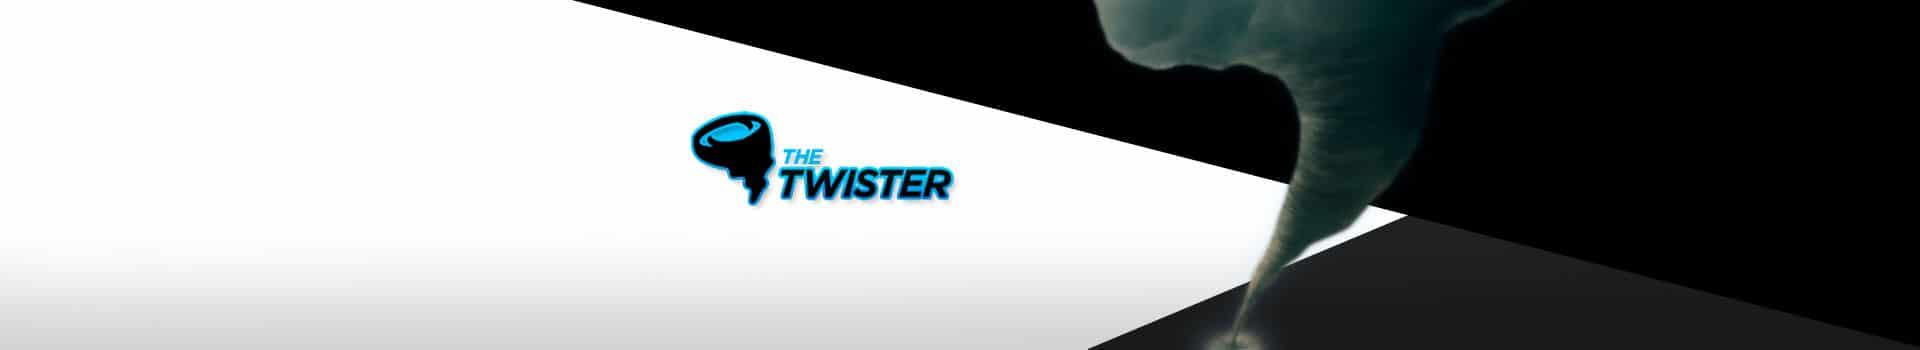 Турниры The Twister: в вихре покера